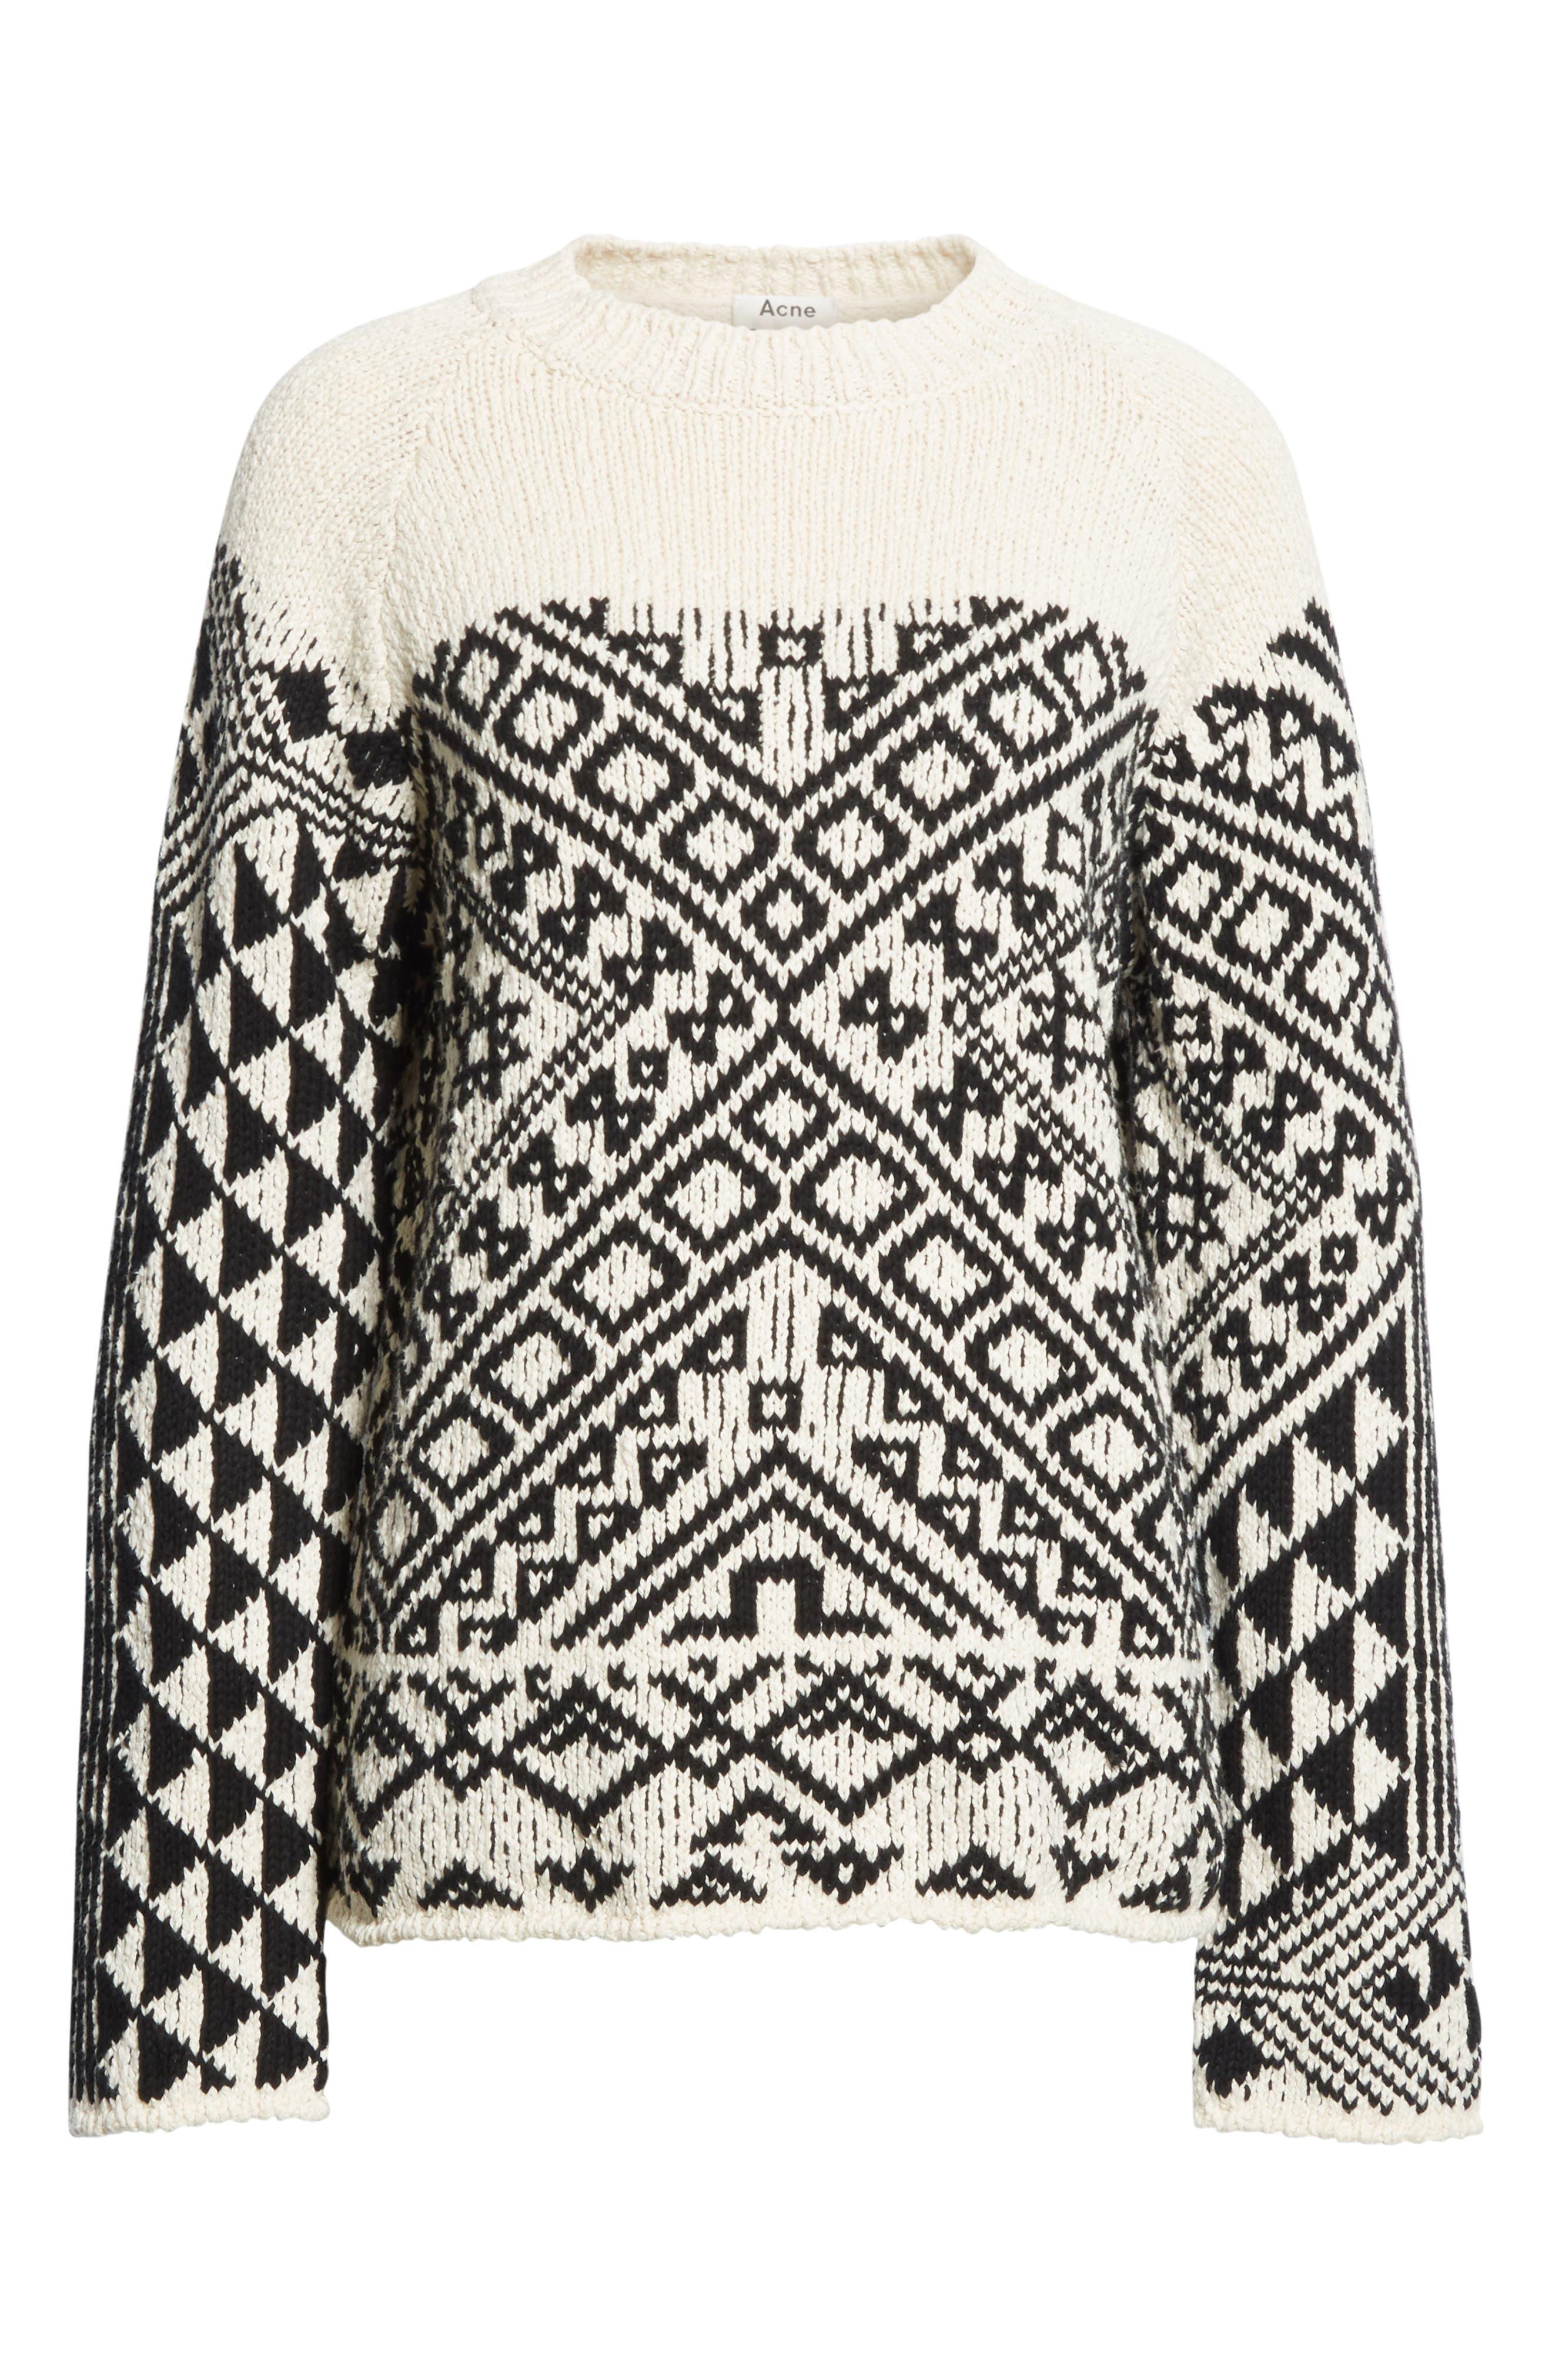 Rhia Jacquard Sweater,                             Alternate thumbnail 6, color,